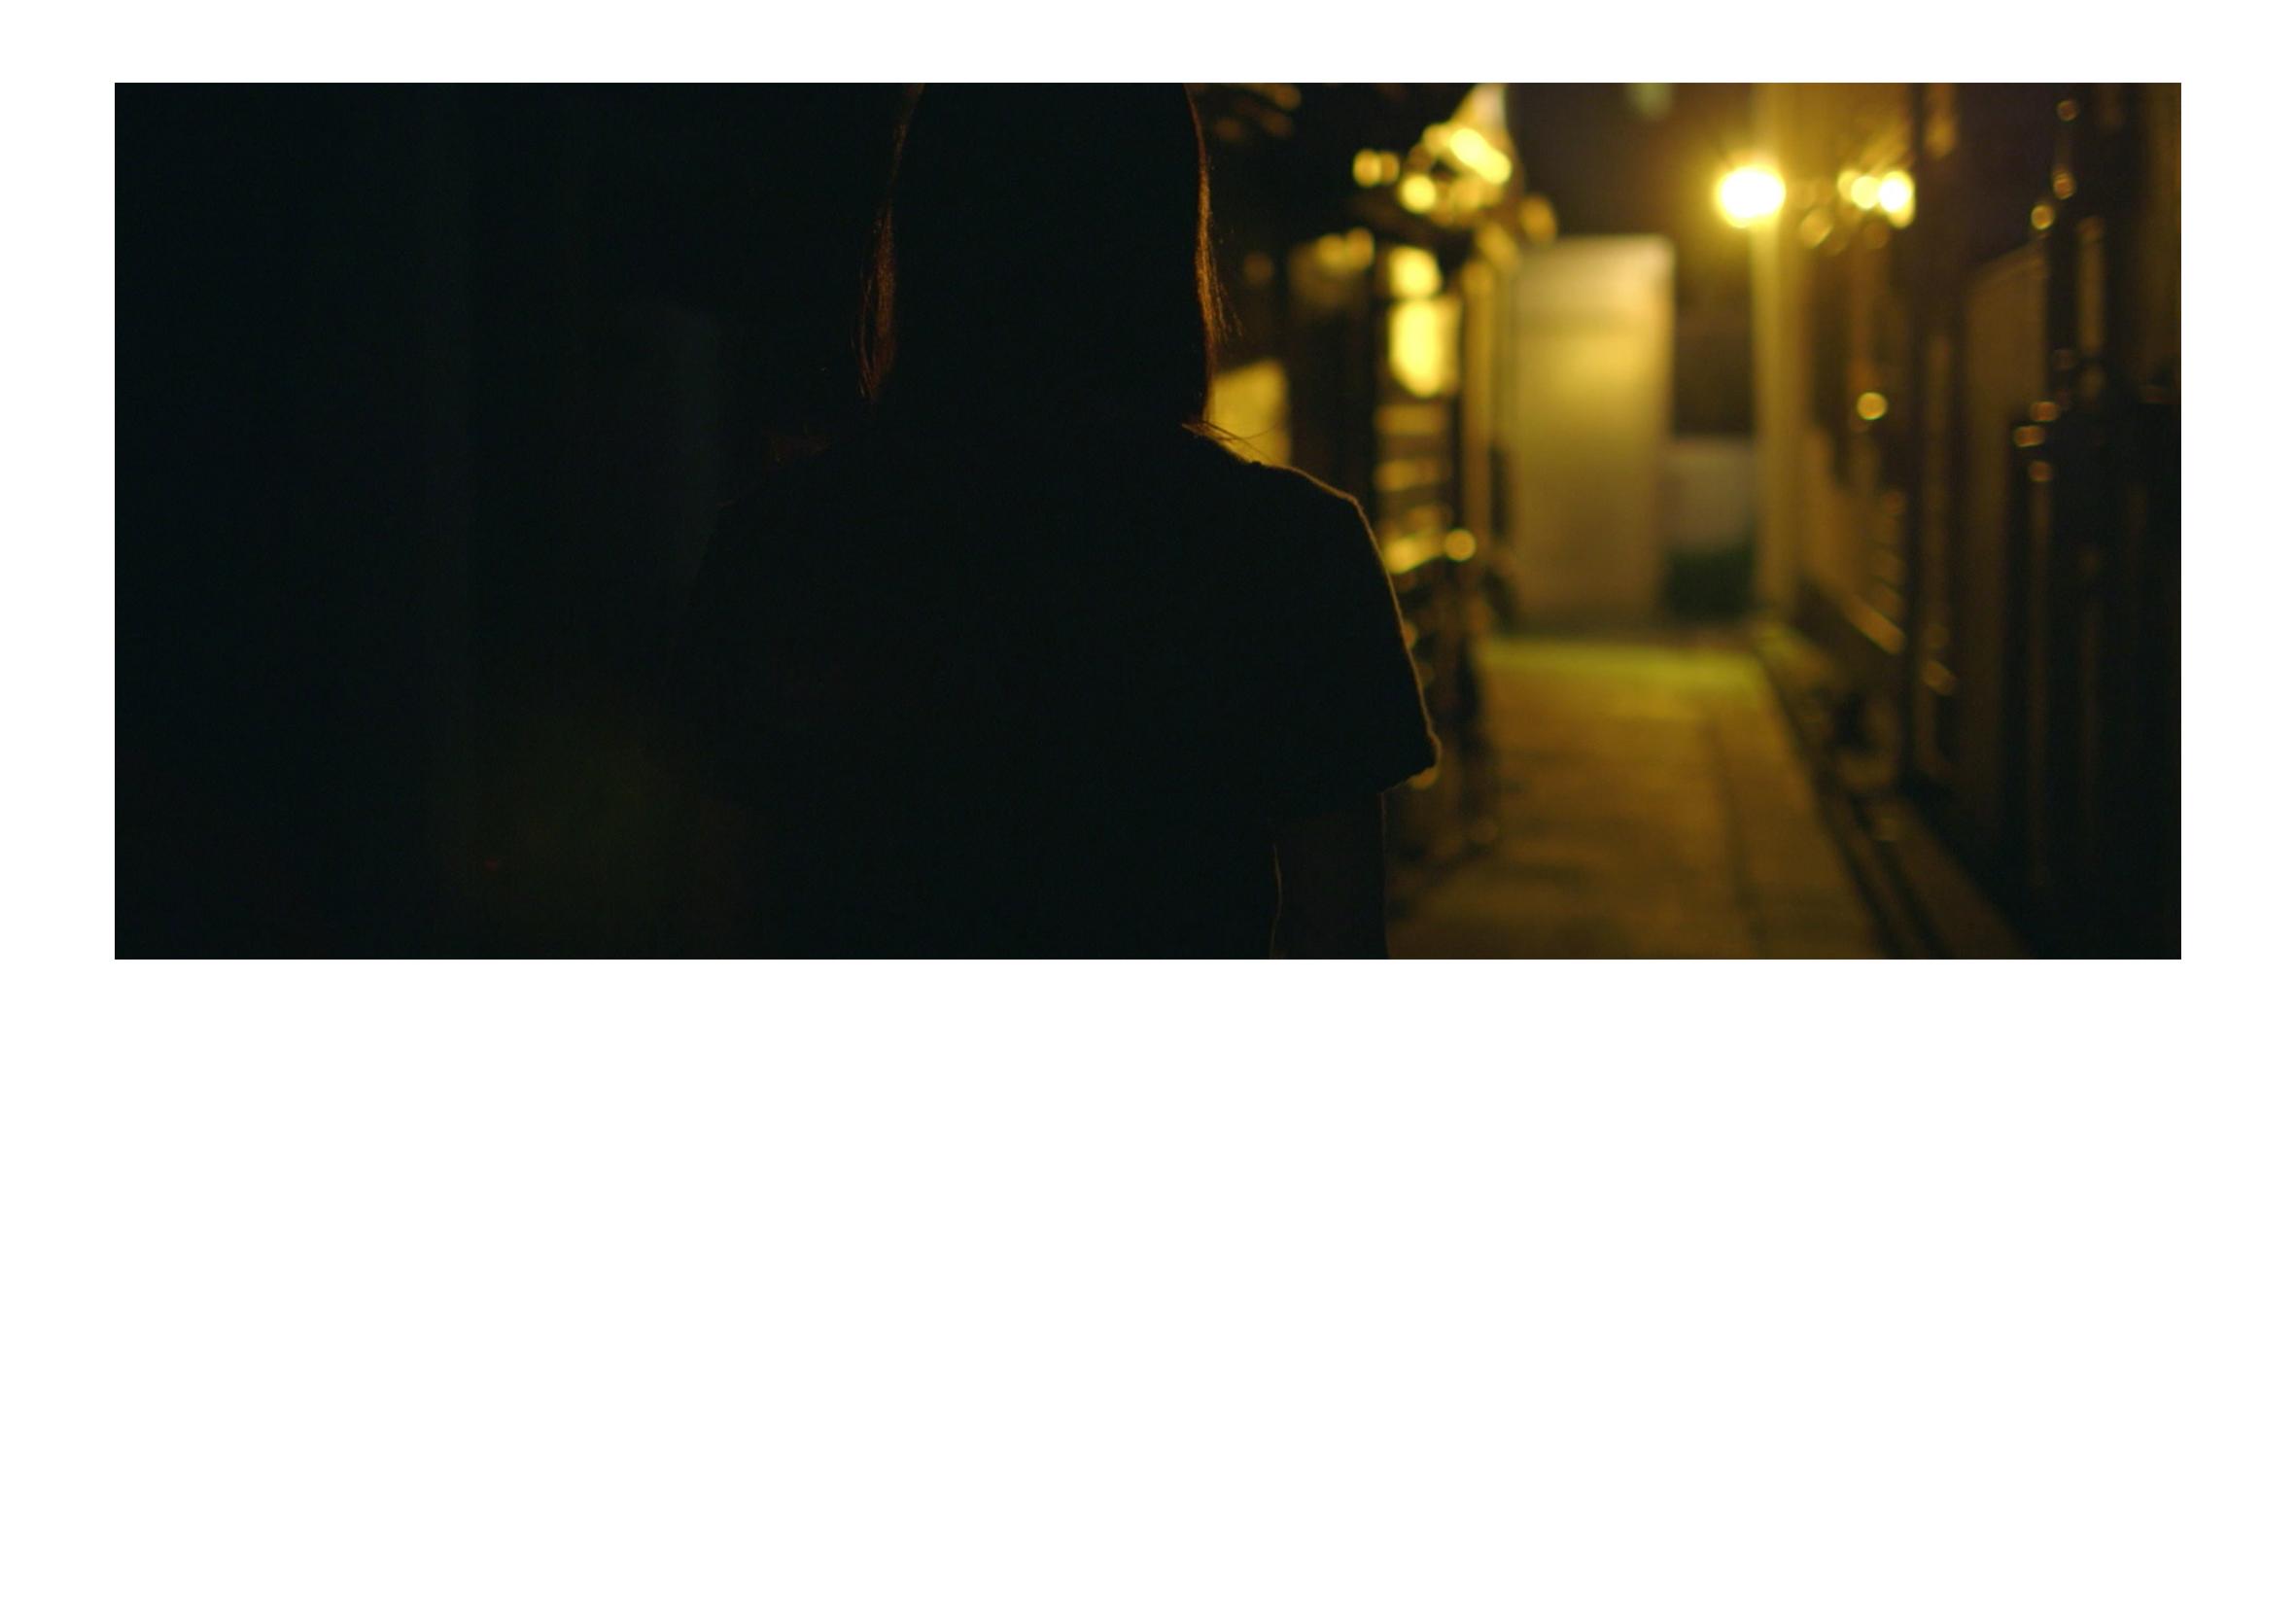 Edo_webcover3.jpg